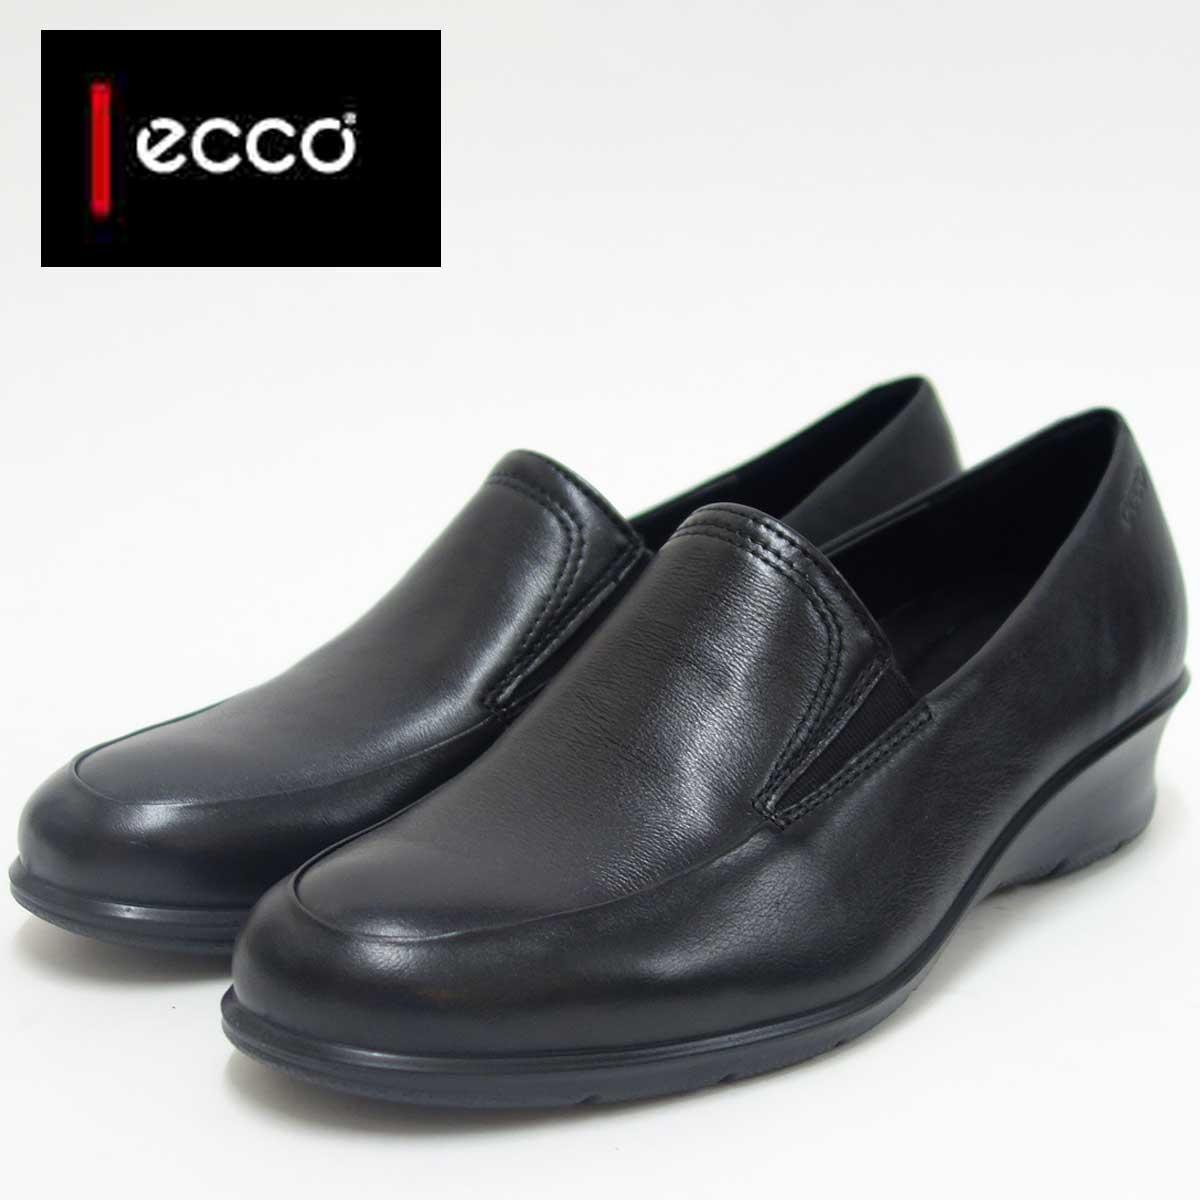 『ECCO エコー』217053 ブラック(レディース)上質レザースリッポンシューズお洒落カジュアル&ウォーキング天然皮革コンフォートシューズ『靴』 エコーの靴は足の快適さと健康を追求します ☆送料無料・代引手数料無料☆